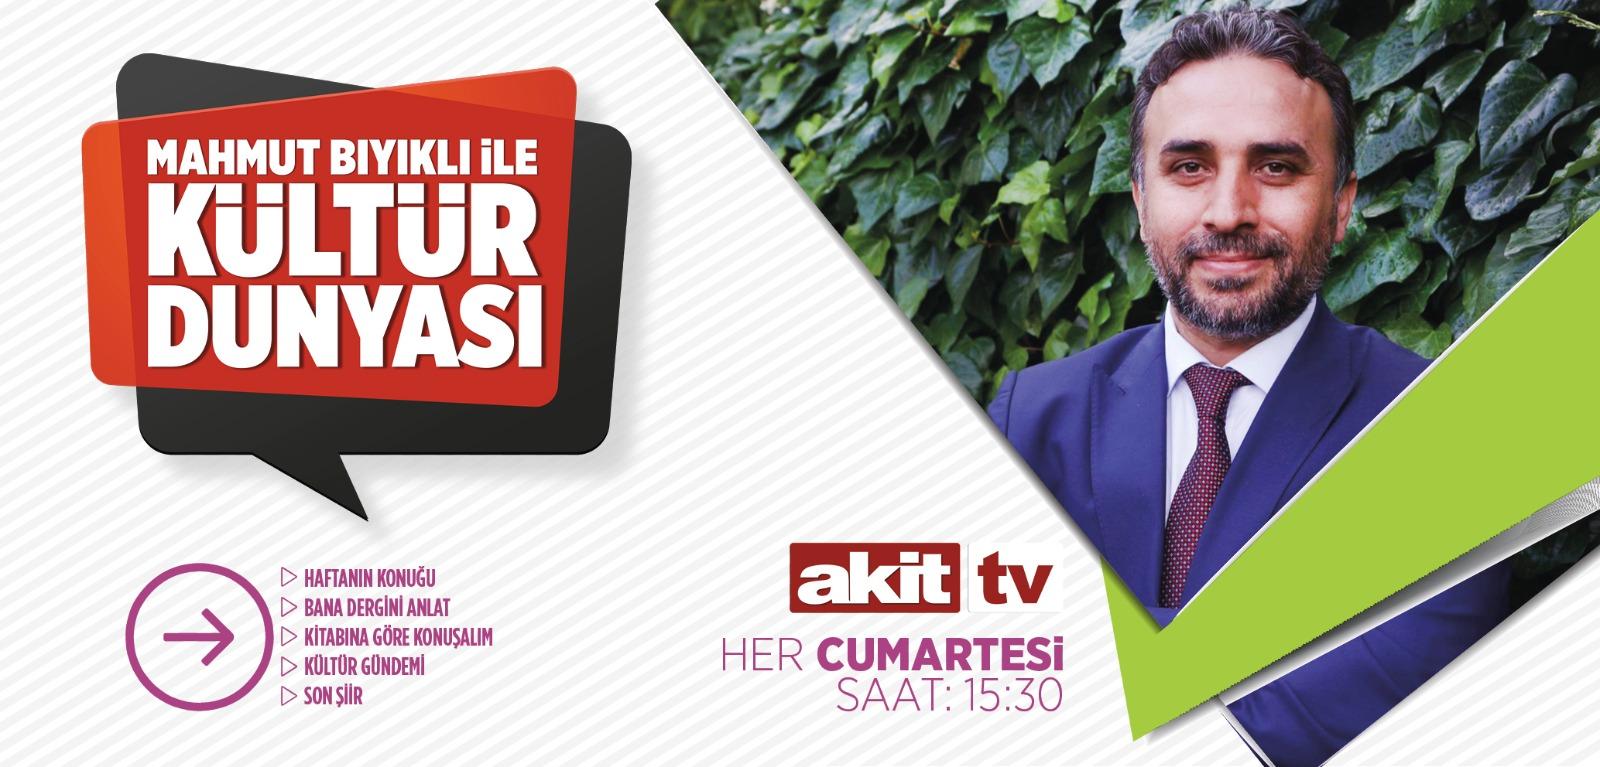 Kültür Dünyası Akit TV'de Başlıyor